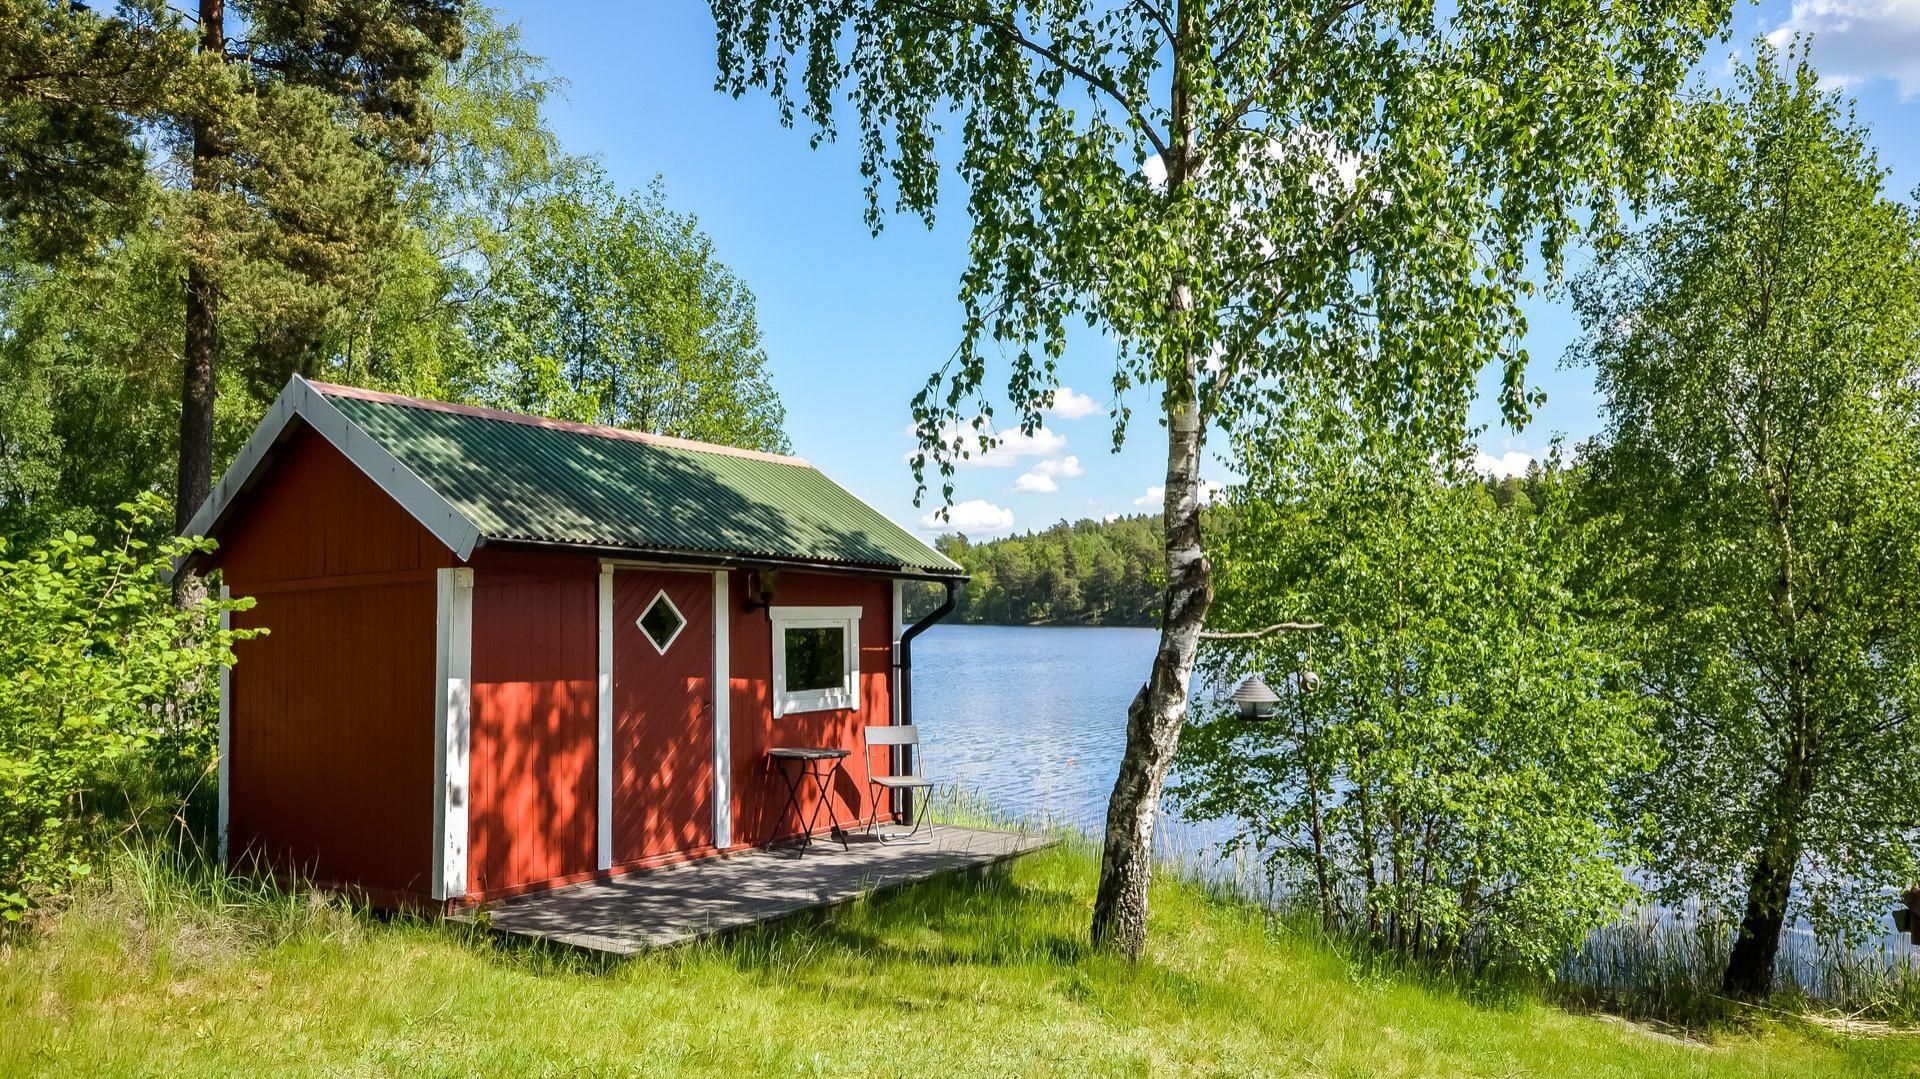 Altana znajdująca się na terenie posesji. Fot. Svenskfast.se.